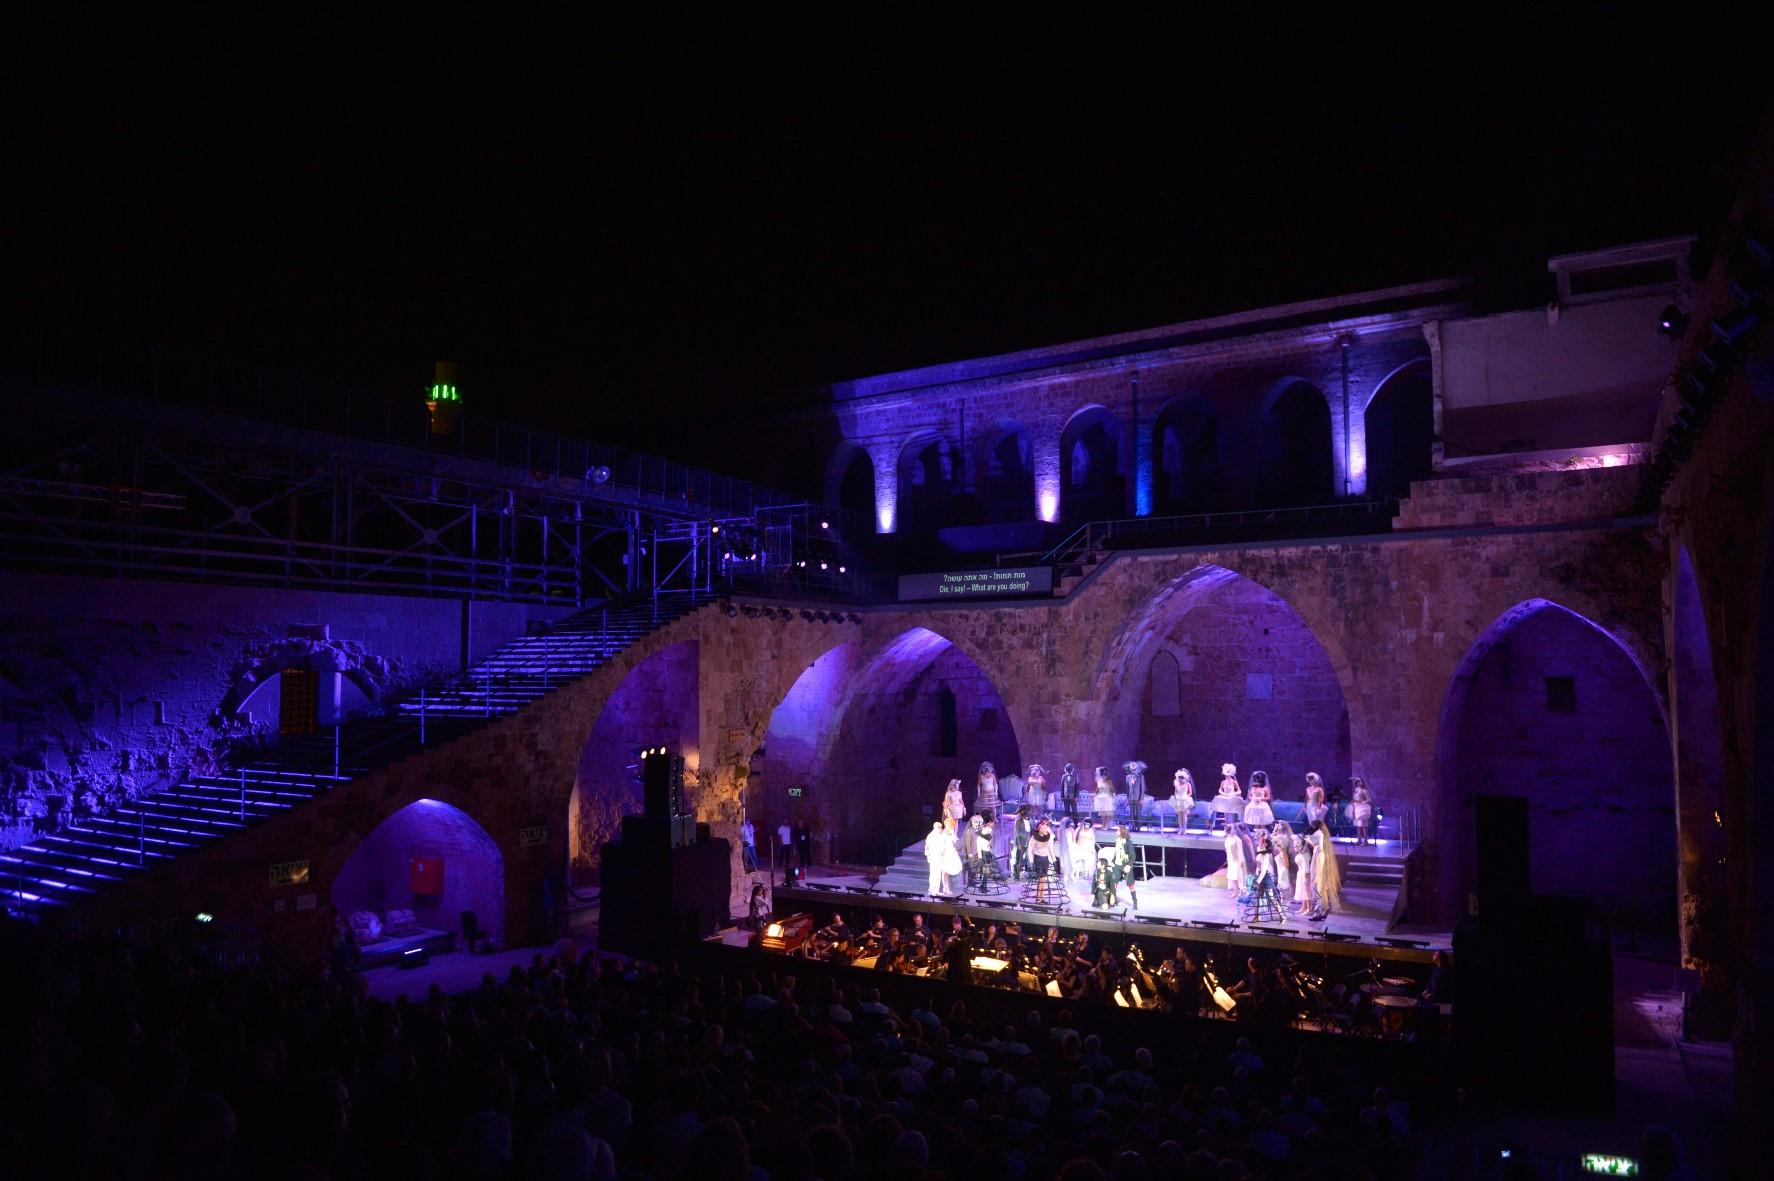 Оперный фестиваль в Старом Акко – ближайший уик-энд